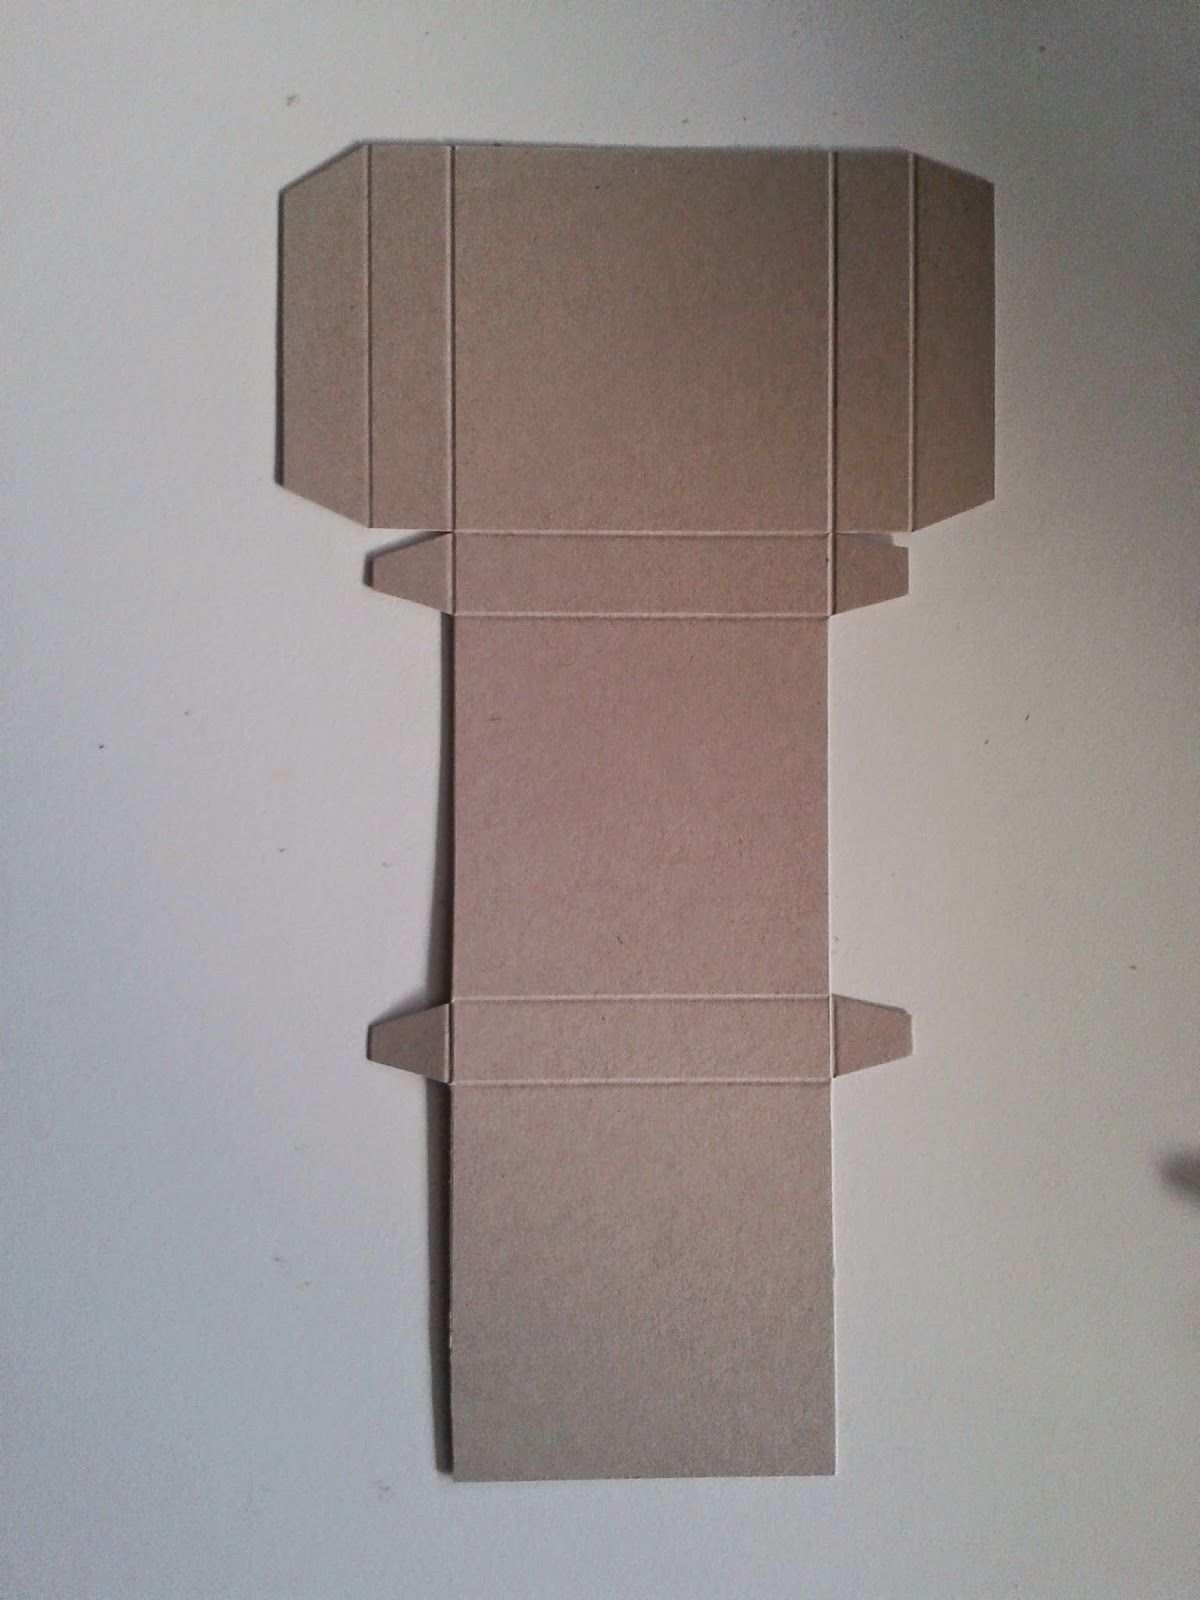 Nun Folgt Die Anleitung Fur Die Box Von Gestern Los Gehts Ihr Benotigt Ein Stuck Farbka Pralinen Verpackung Basteln Schachtel Basteln Papierschachtel